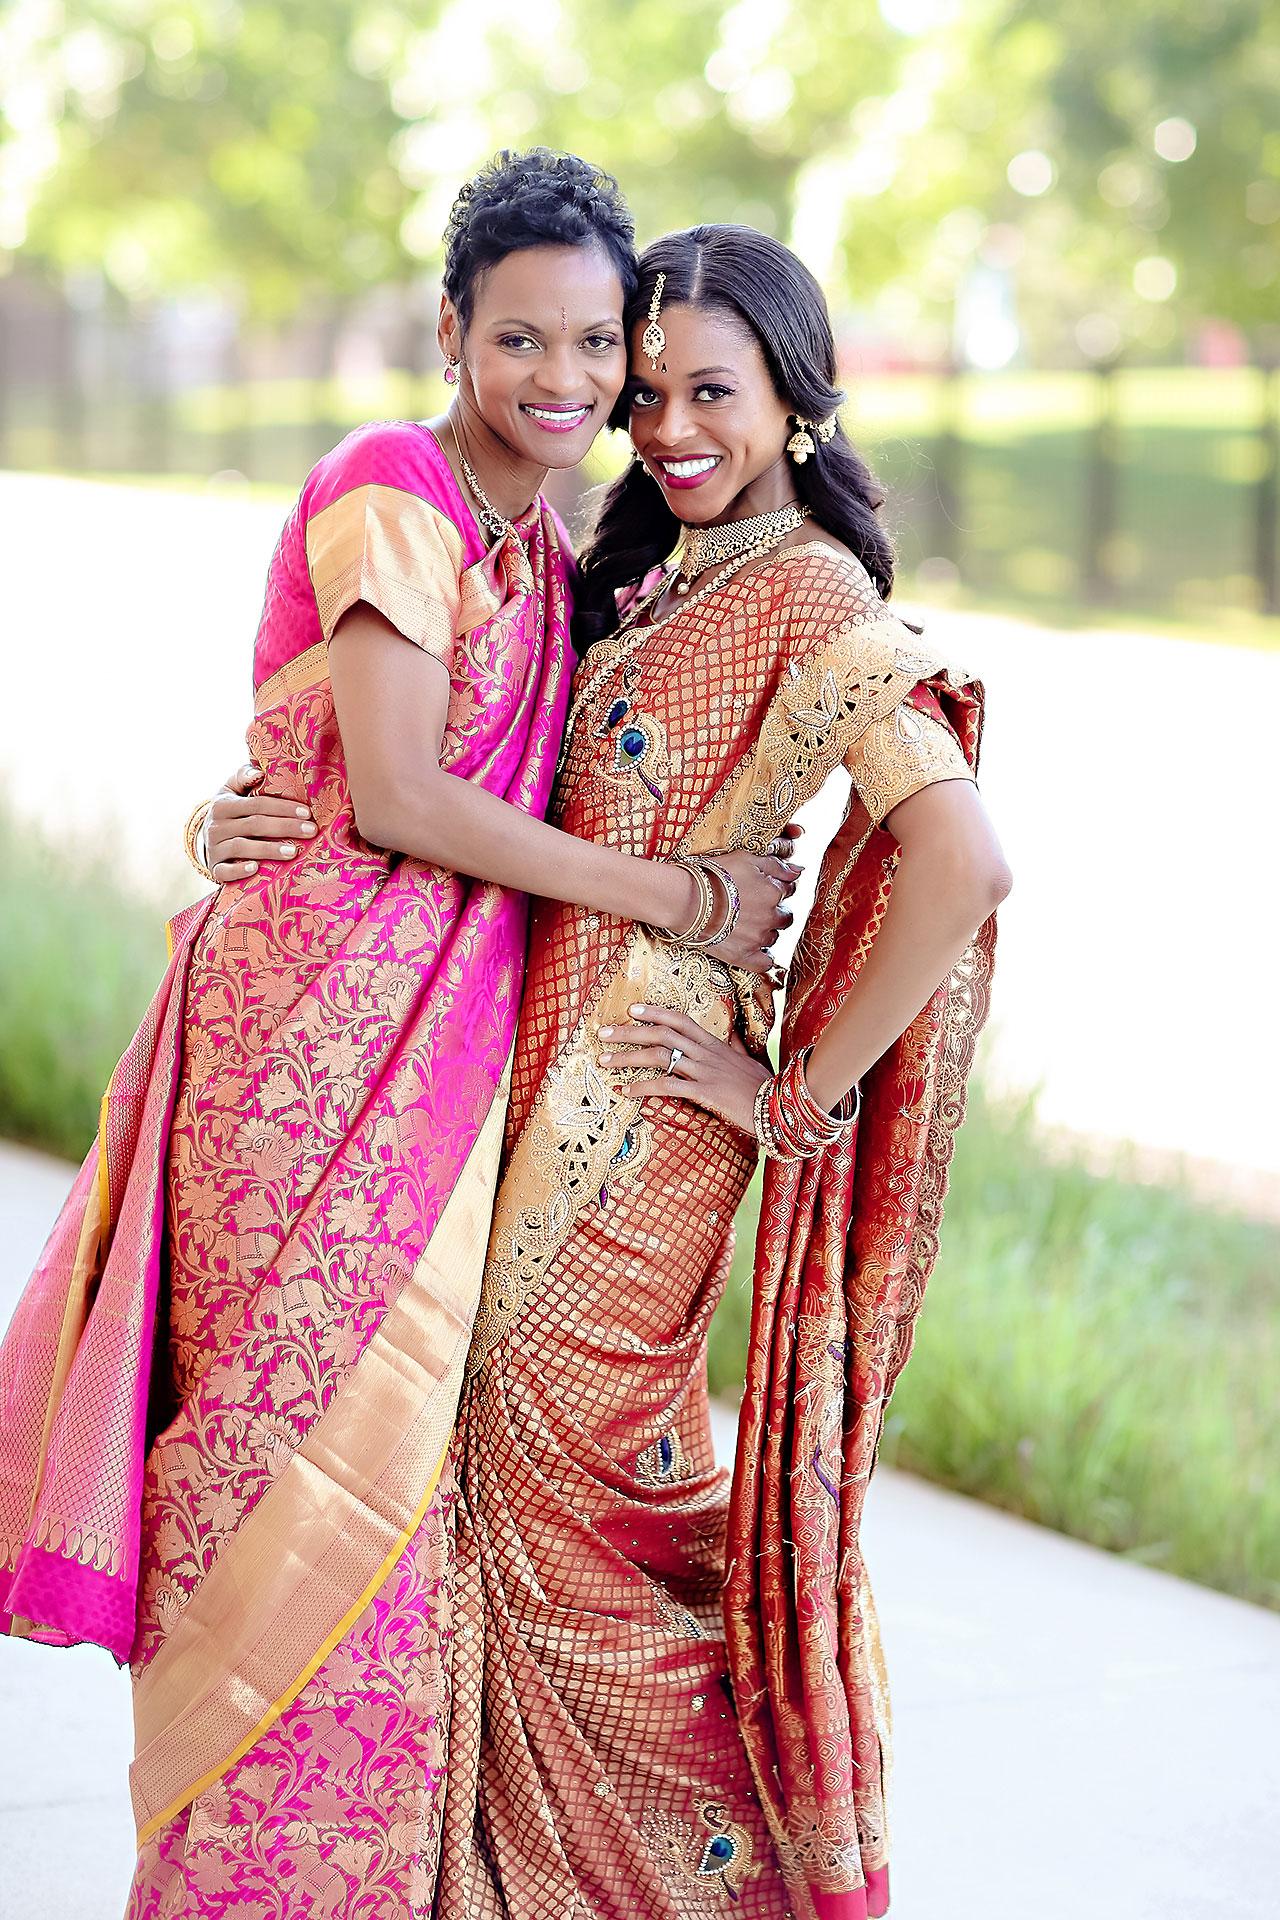 Joie Nikhil JW Marriott Indian Wedding 125